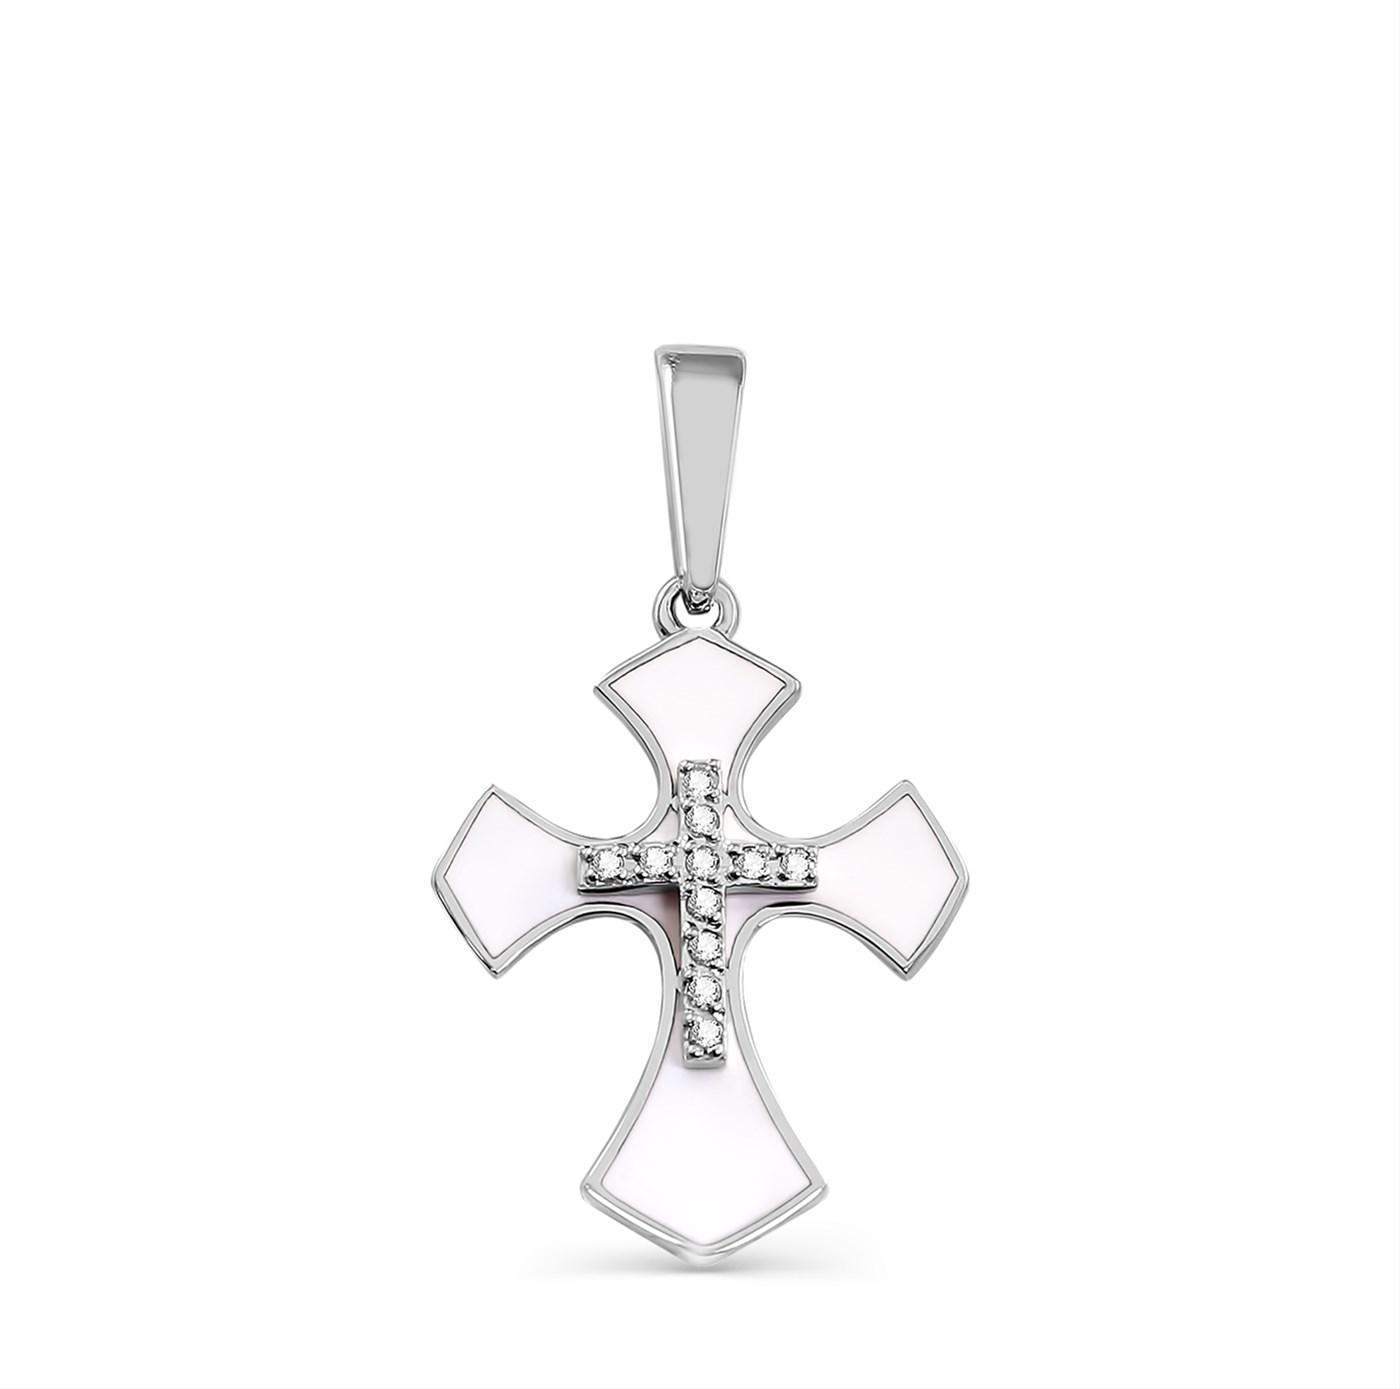 Крест из белого золота с бриллиантом и эмалью арт. 3-1280-1010 3-1280-1010